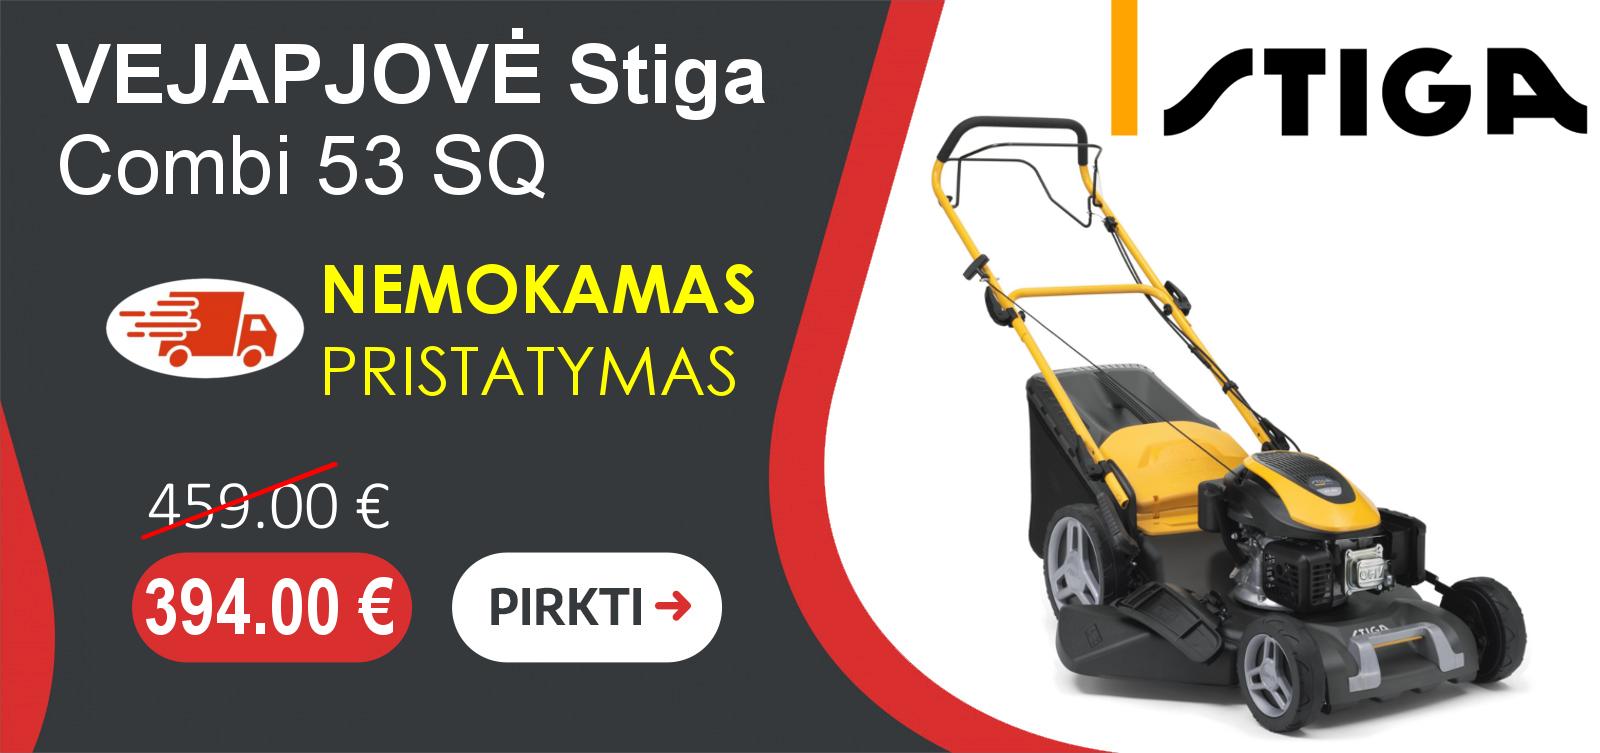 Vejapjovė Stiga Combi 53 SQ